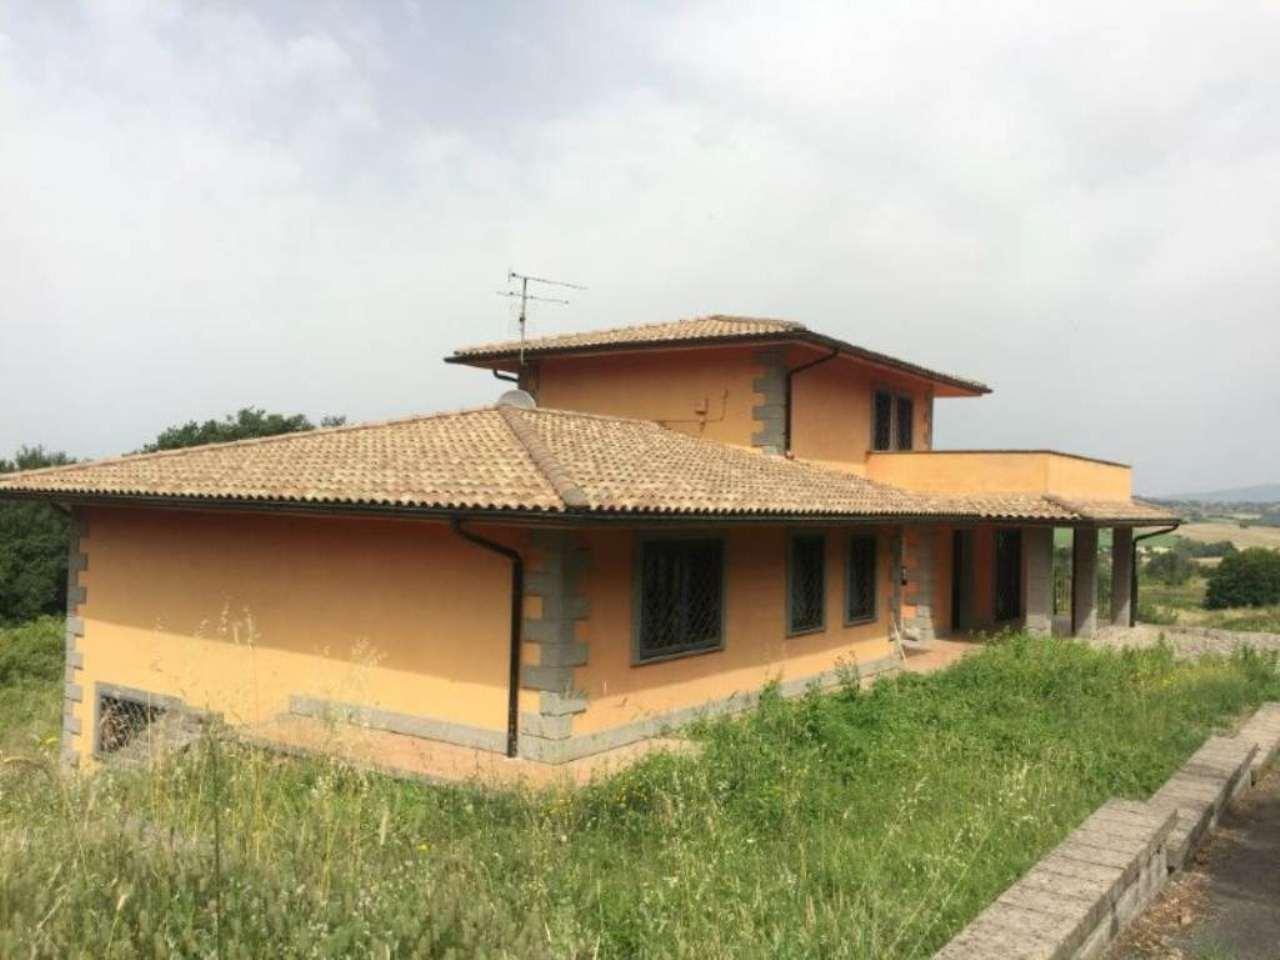 Villa in vendita a Campagnano di Roma, 10 locali, Trattative riservate | Cambio Casa.it